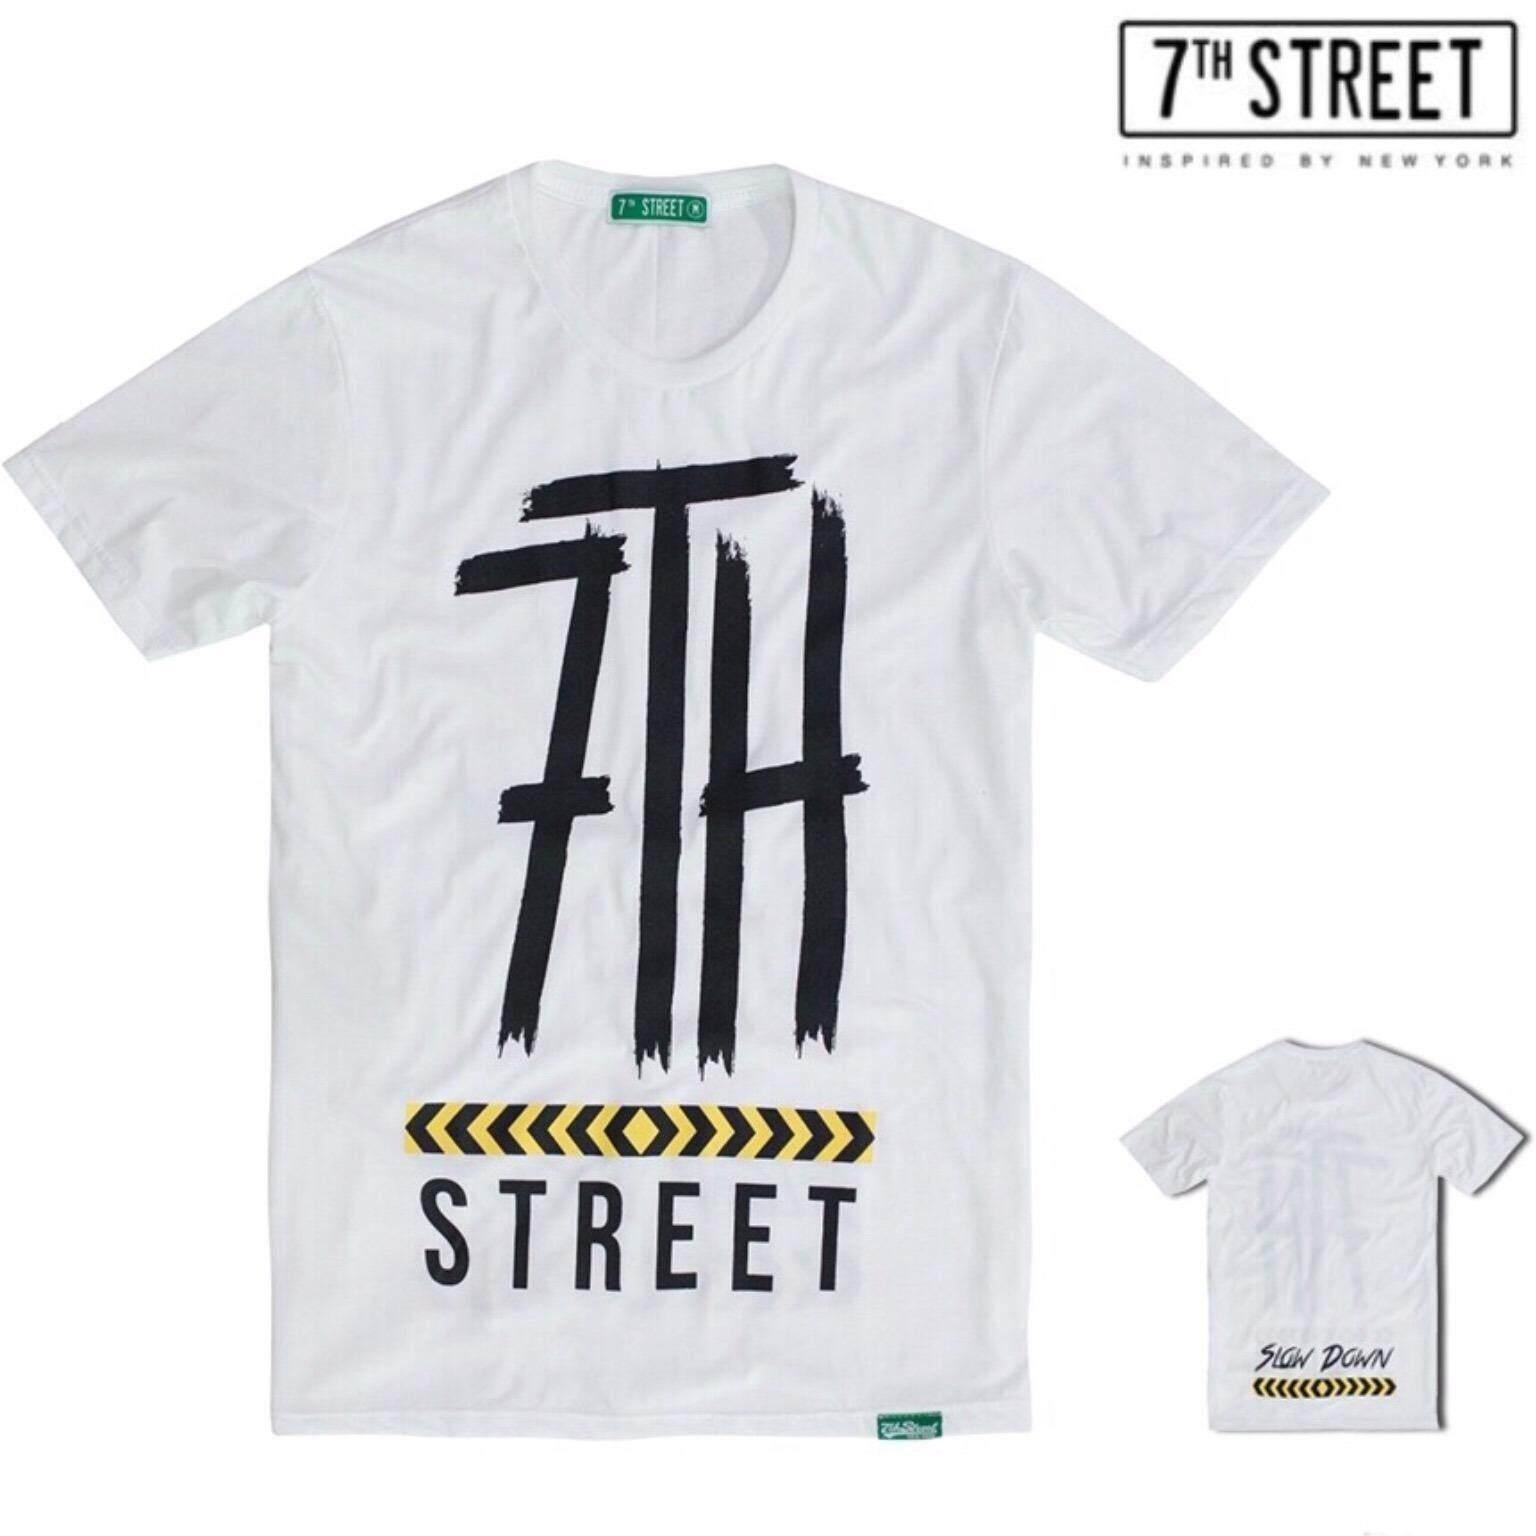 ขาย ซื้อ ออนไลน์ 7Th Street เสื้อยืด รุ่น Sld